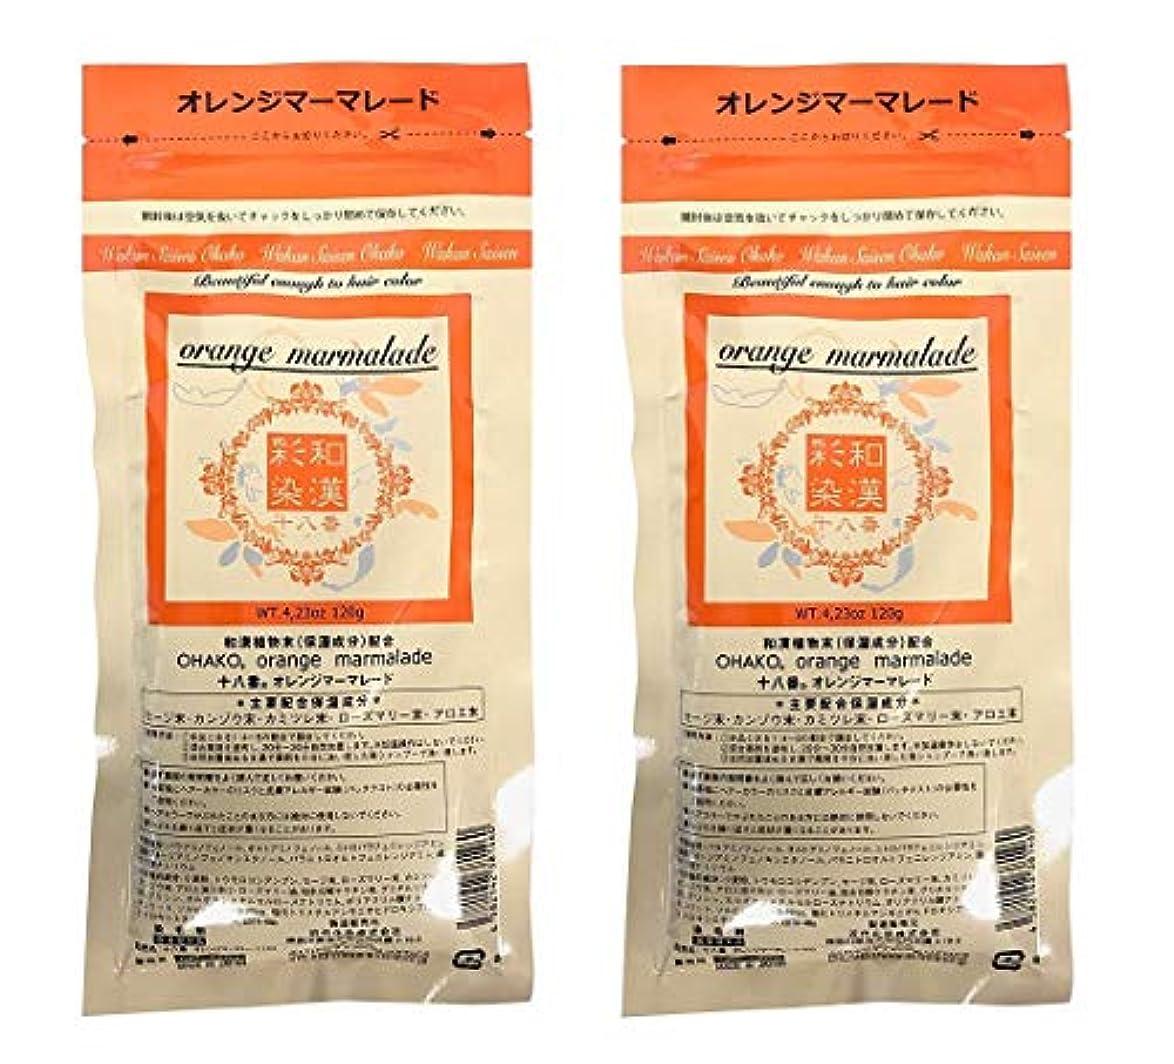 食品アセ知覚できる【2個セット】グランデックス 和漢彩染 十八番 120g オレンジママーレード